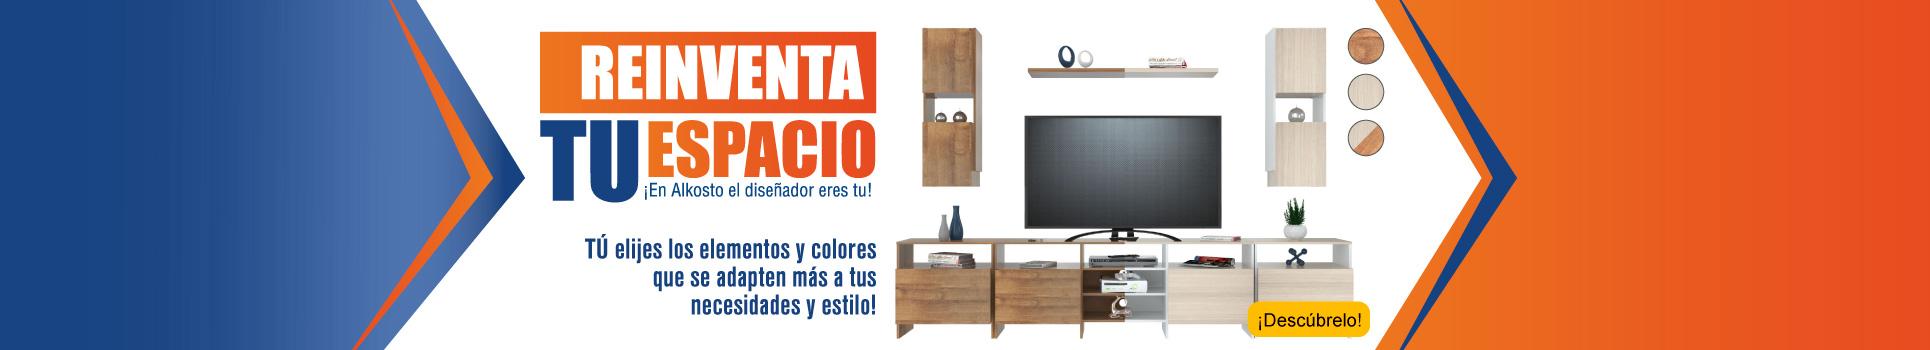 REINVENTA-combina-muebles-modulares